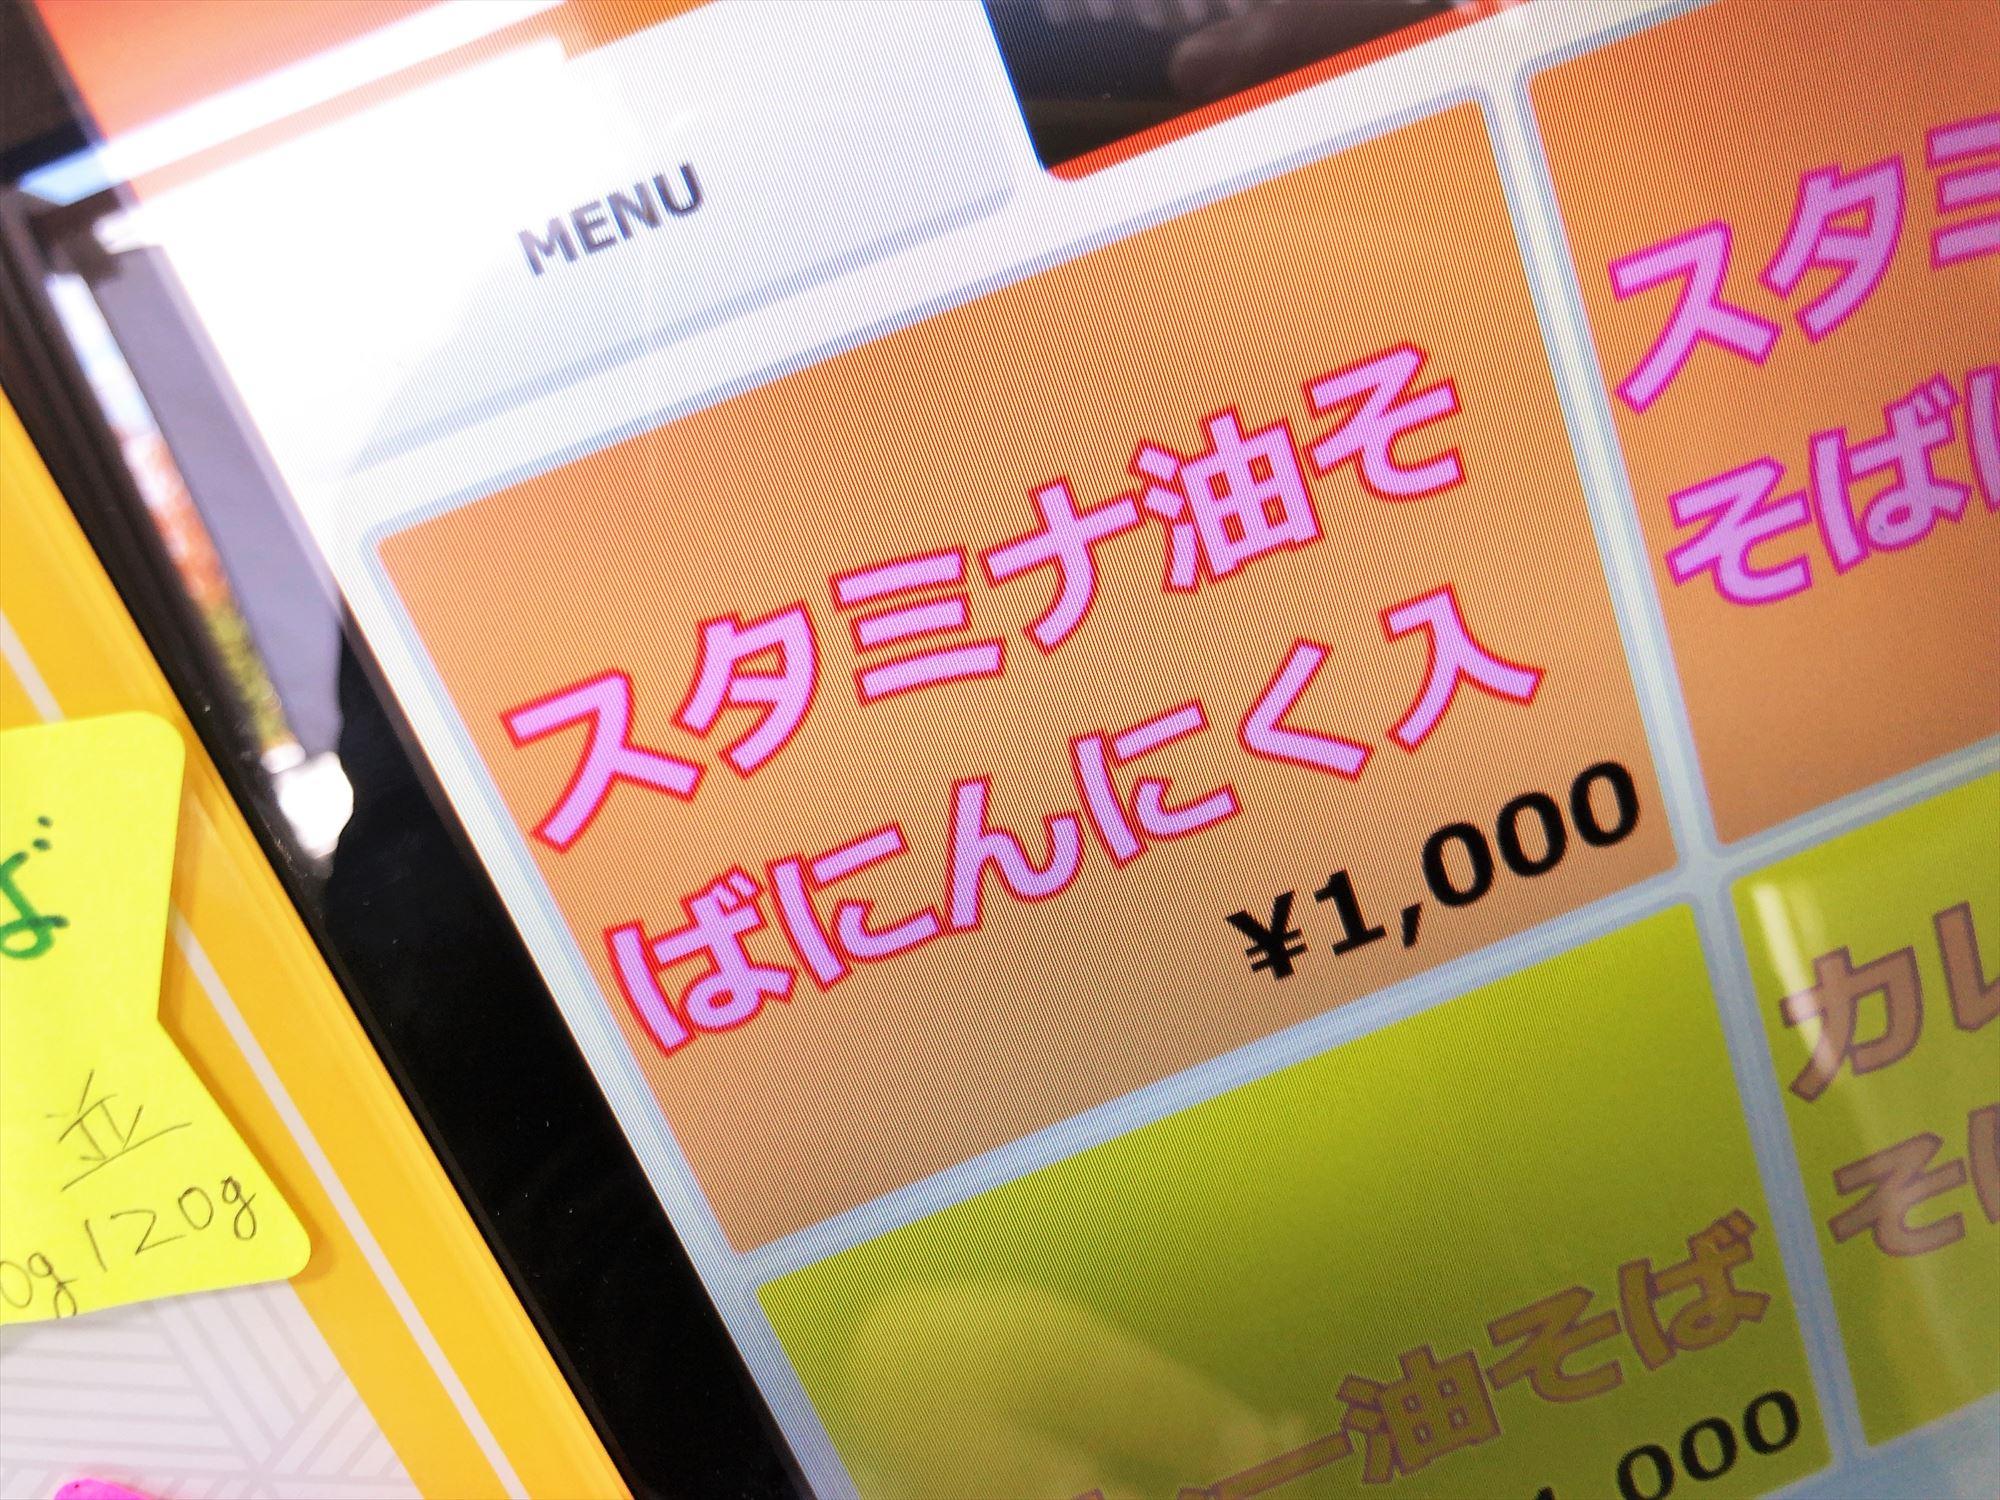 ませそばあぶらそば専門店 GoKaKuの券売機